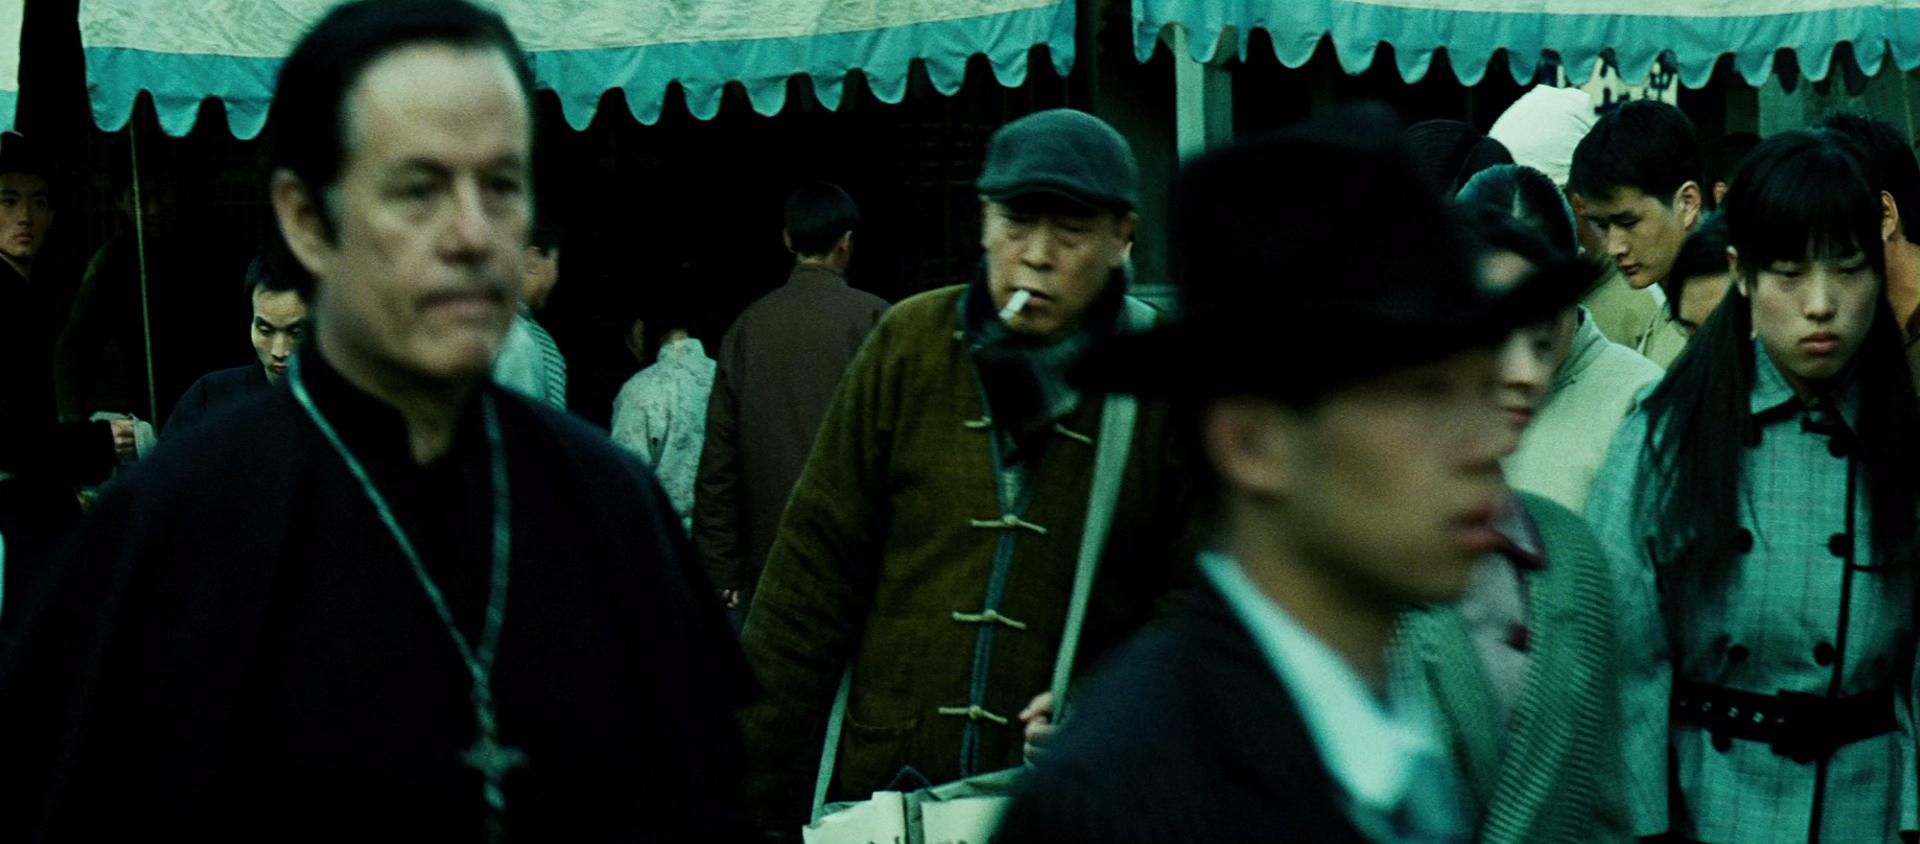 悠悠MP4_MP4电影下载_[风声][BD-MKV/7.05GB][国语配音/中文字幕][1080P][H265编码][谍战,悬疑,中国,风声,剧情,人性,血腥]